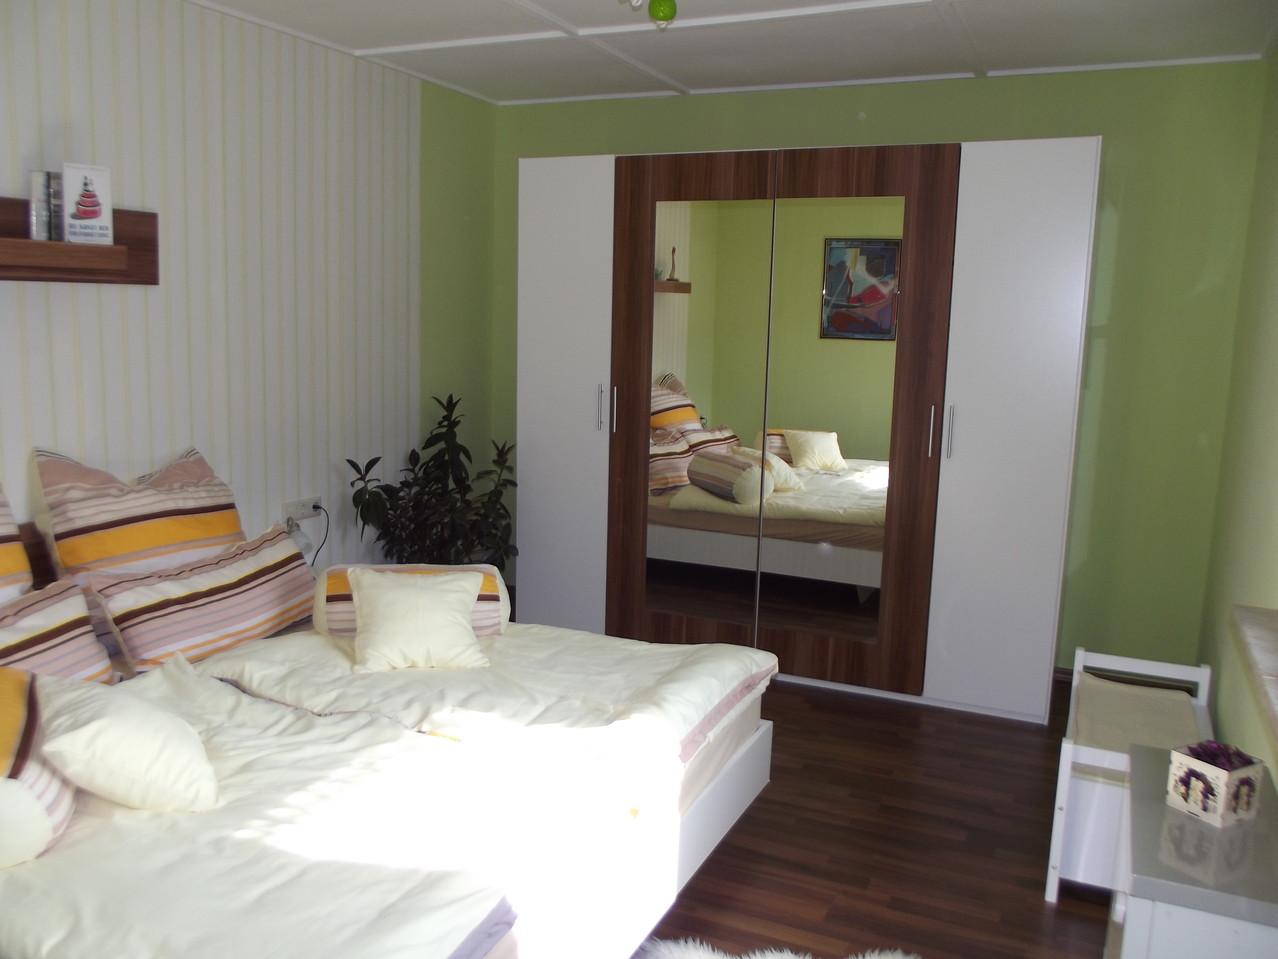 Hauptwohnung Parterre: Schlafzimmer